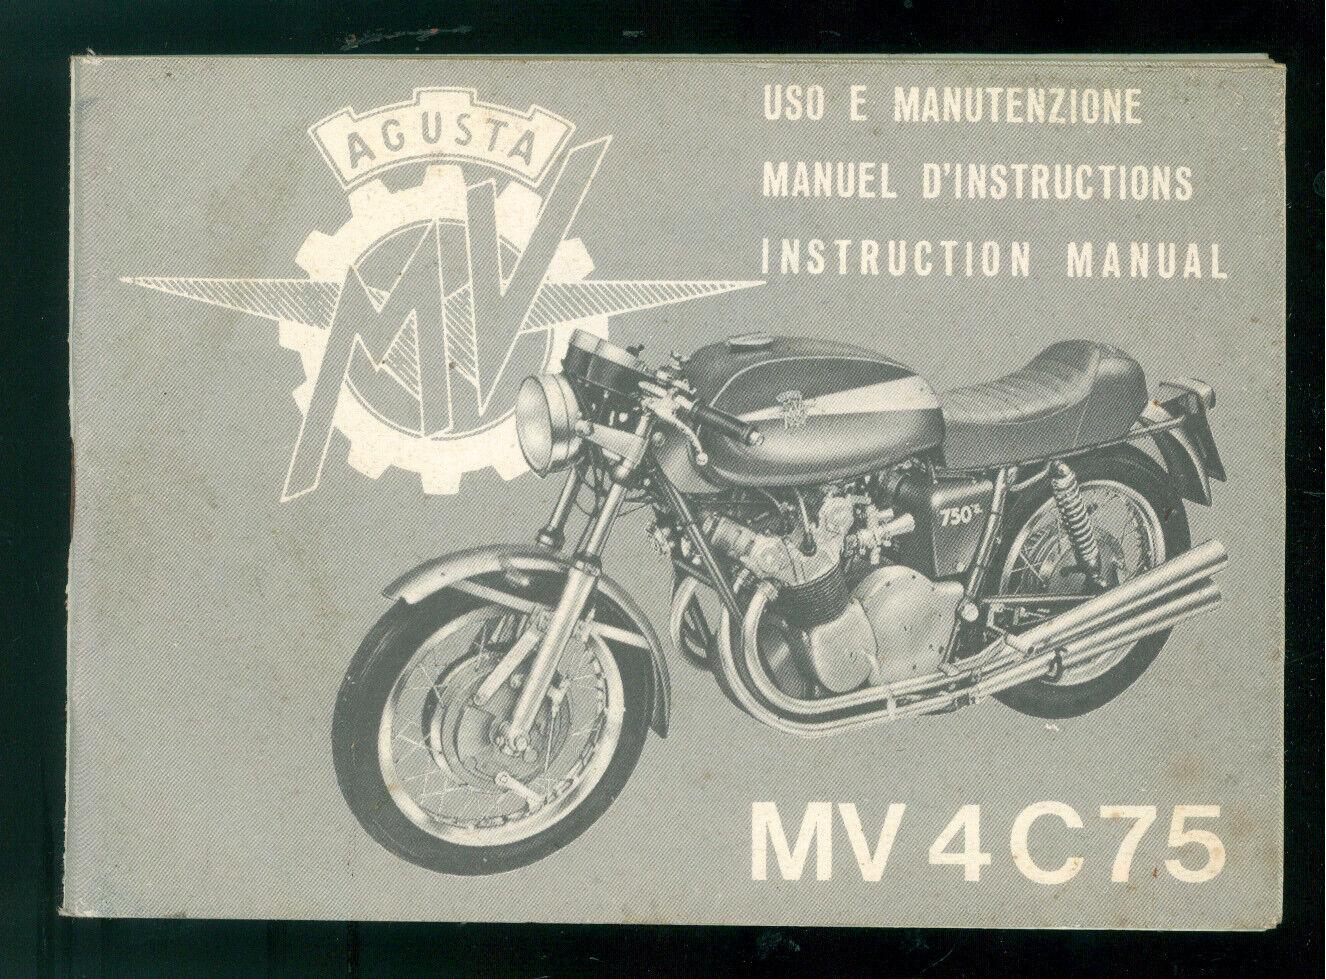 MOTO AGUSTA MV 4C75 LIBRETTO USO E MANUTENZIONE 1972 PRIMA EDIZIONE